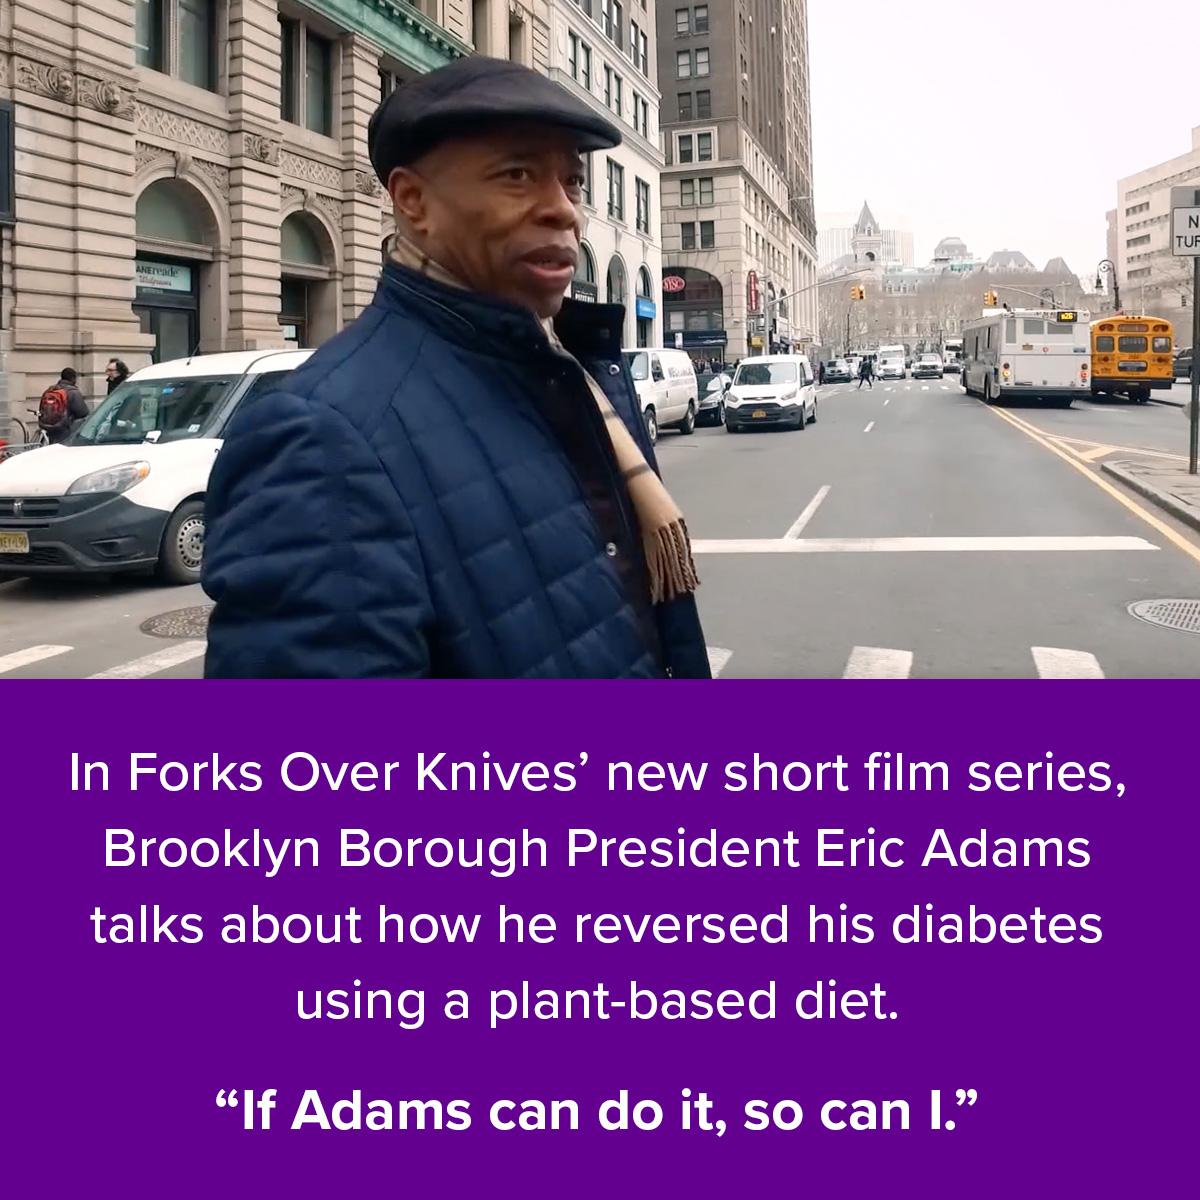 Brooklyn borough president Eric Adams reversing diabetes story